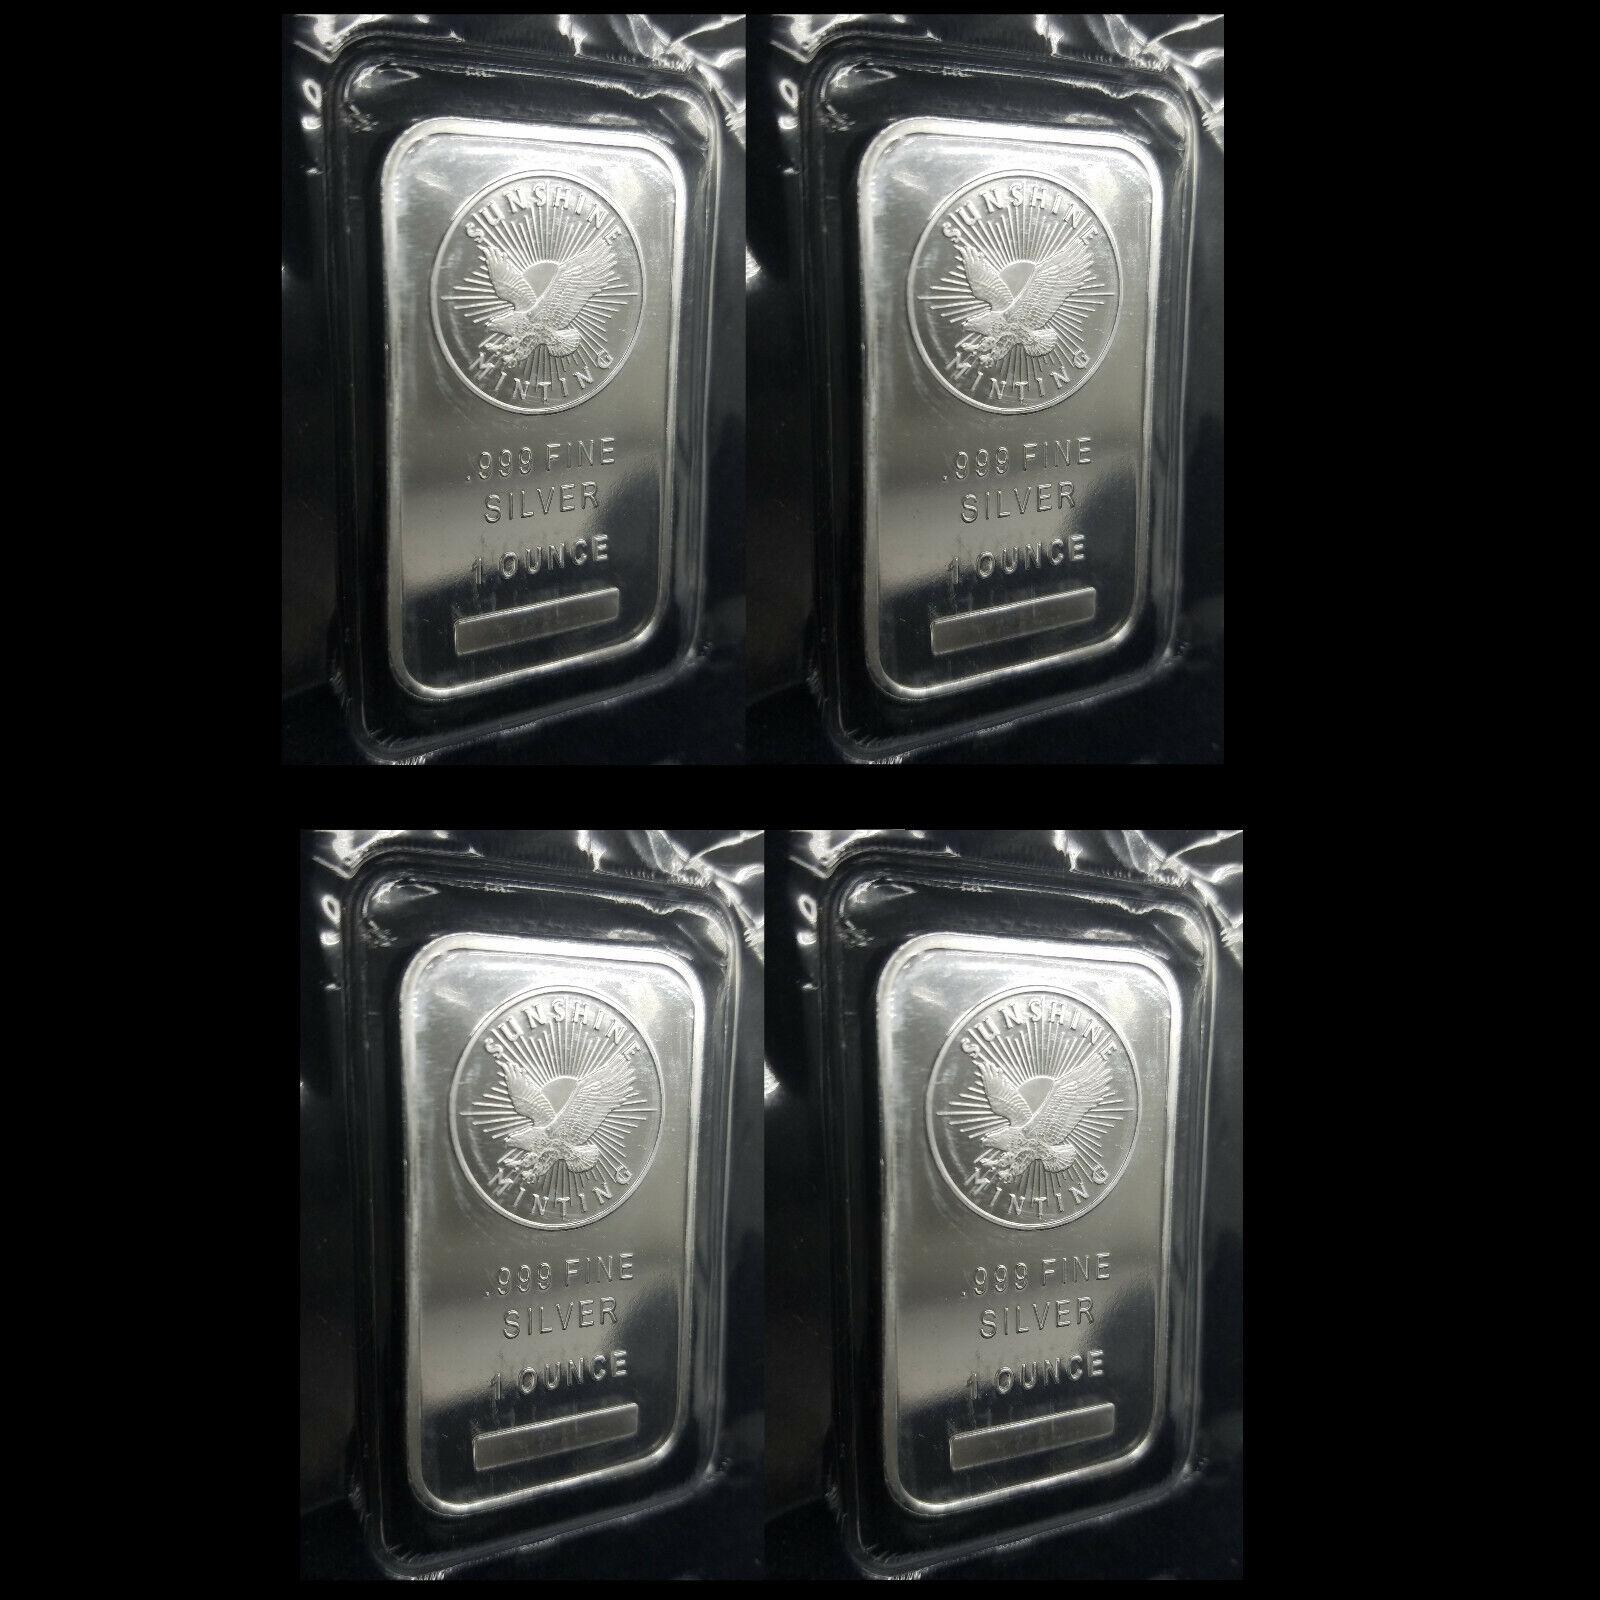 Lot Of 4x Sunshine Minting 1oz .999 Fine Silver Bars W/Mint Mark SI 22 - $83.88